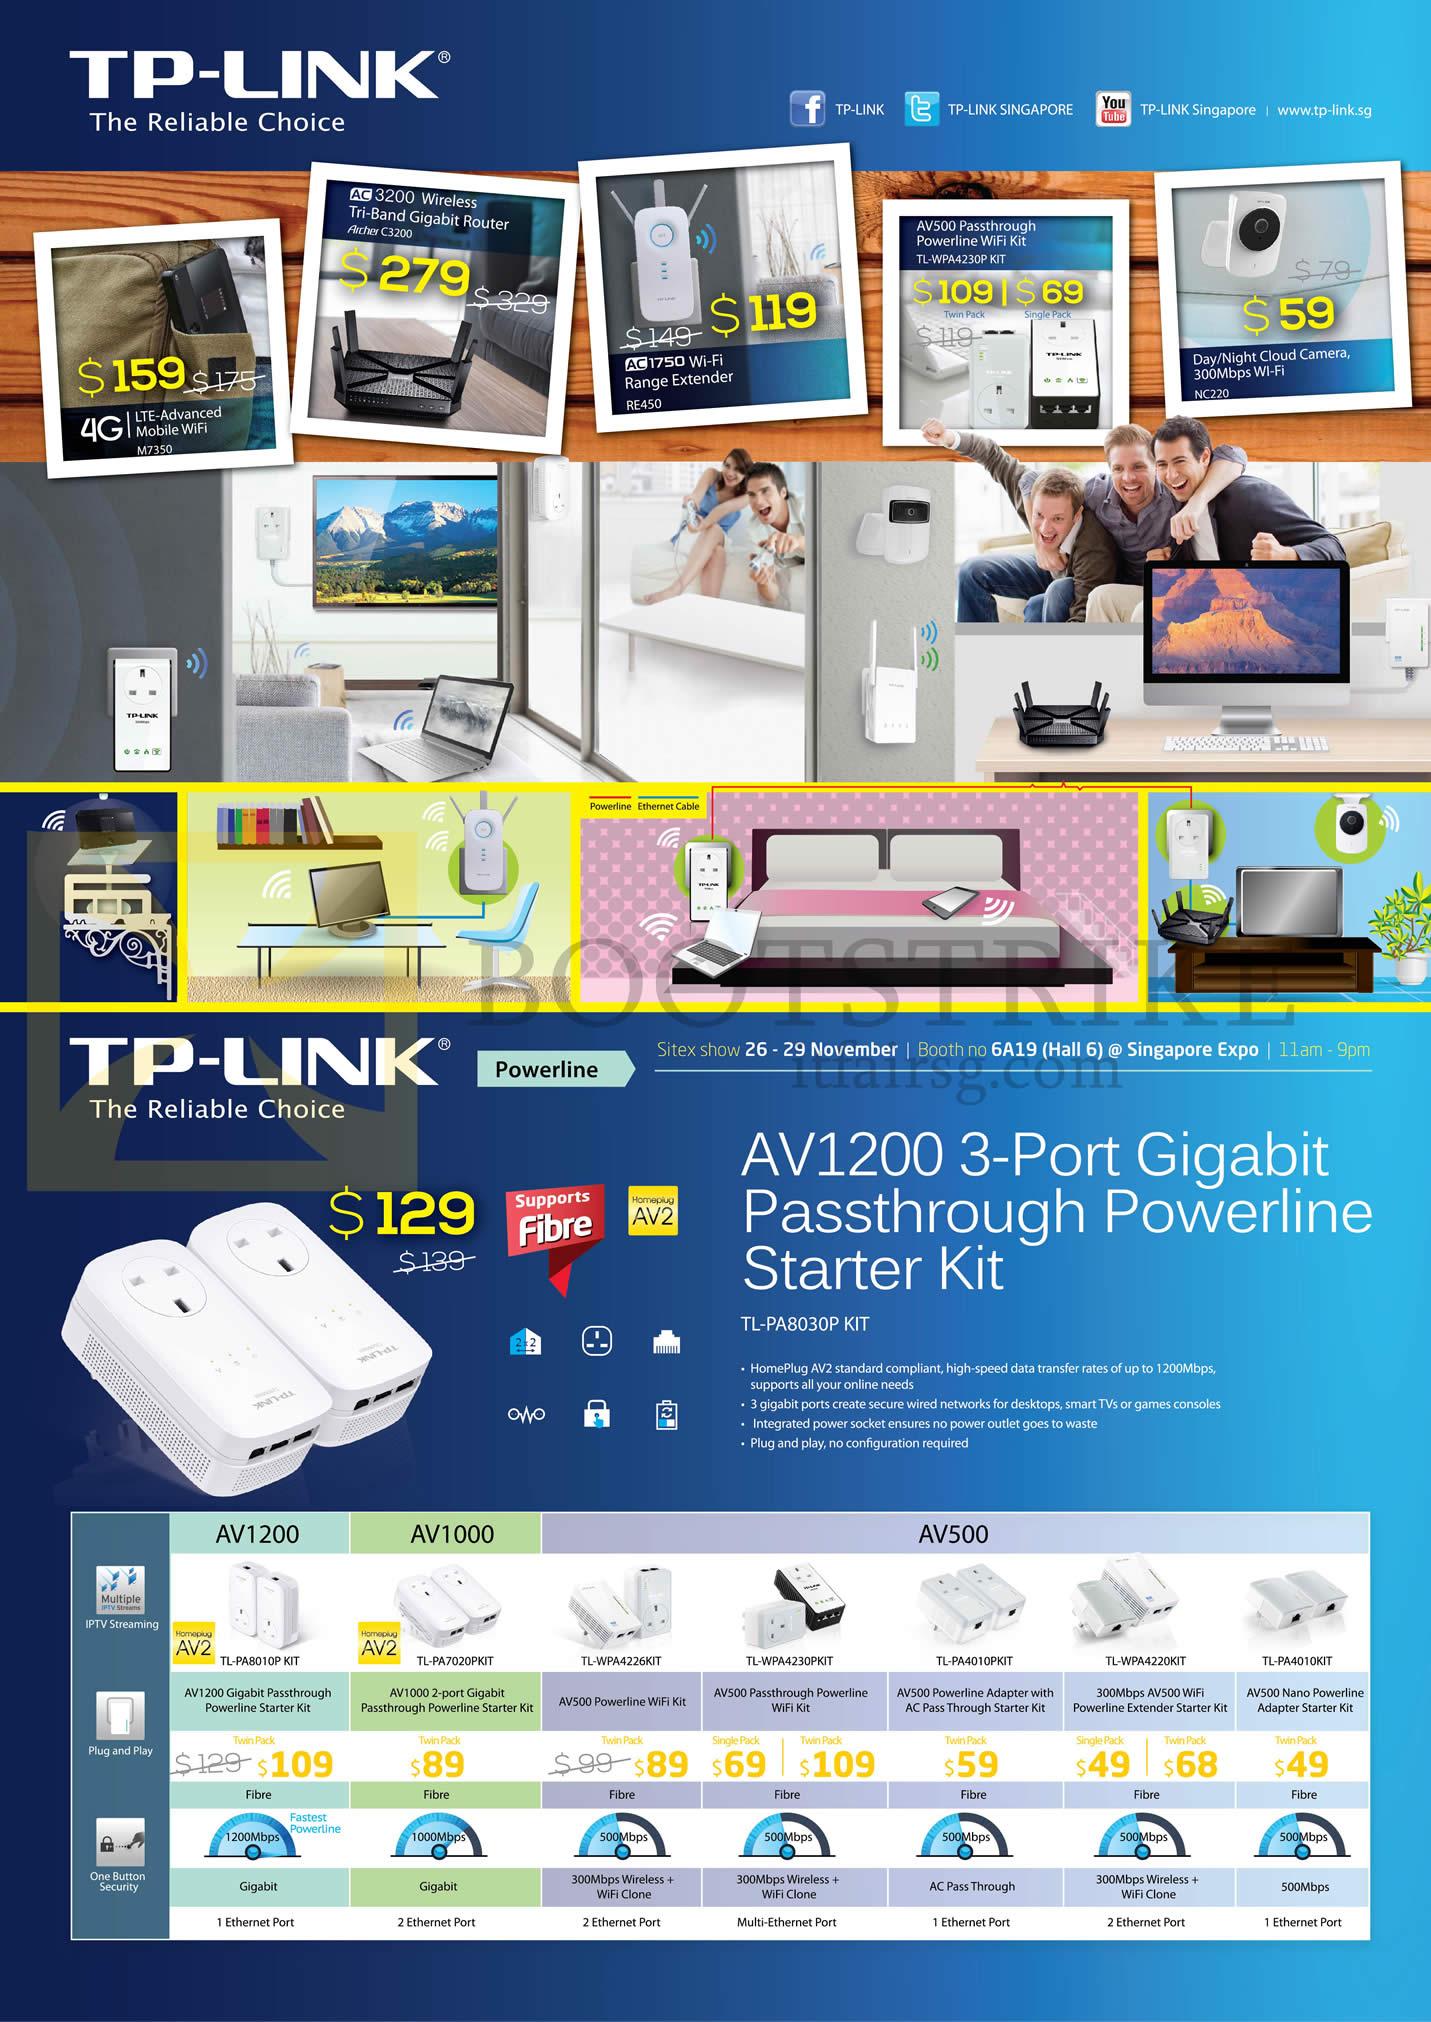 SITEX 2015 price list image brochure of Asia Radio TP-Link Networking AV1200 Starter Kit, AV1000, AV500